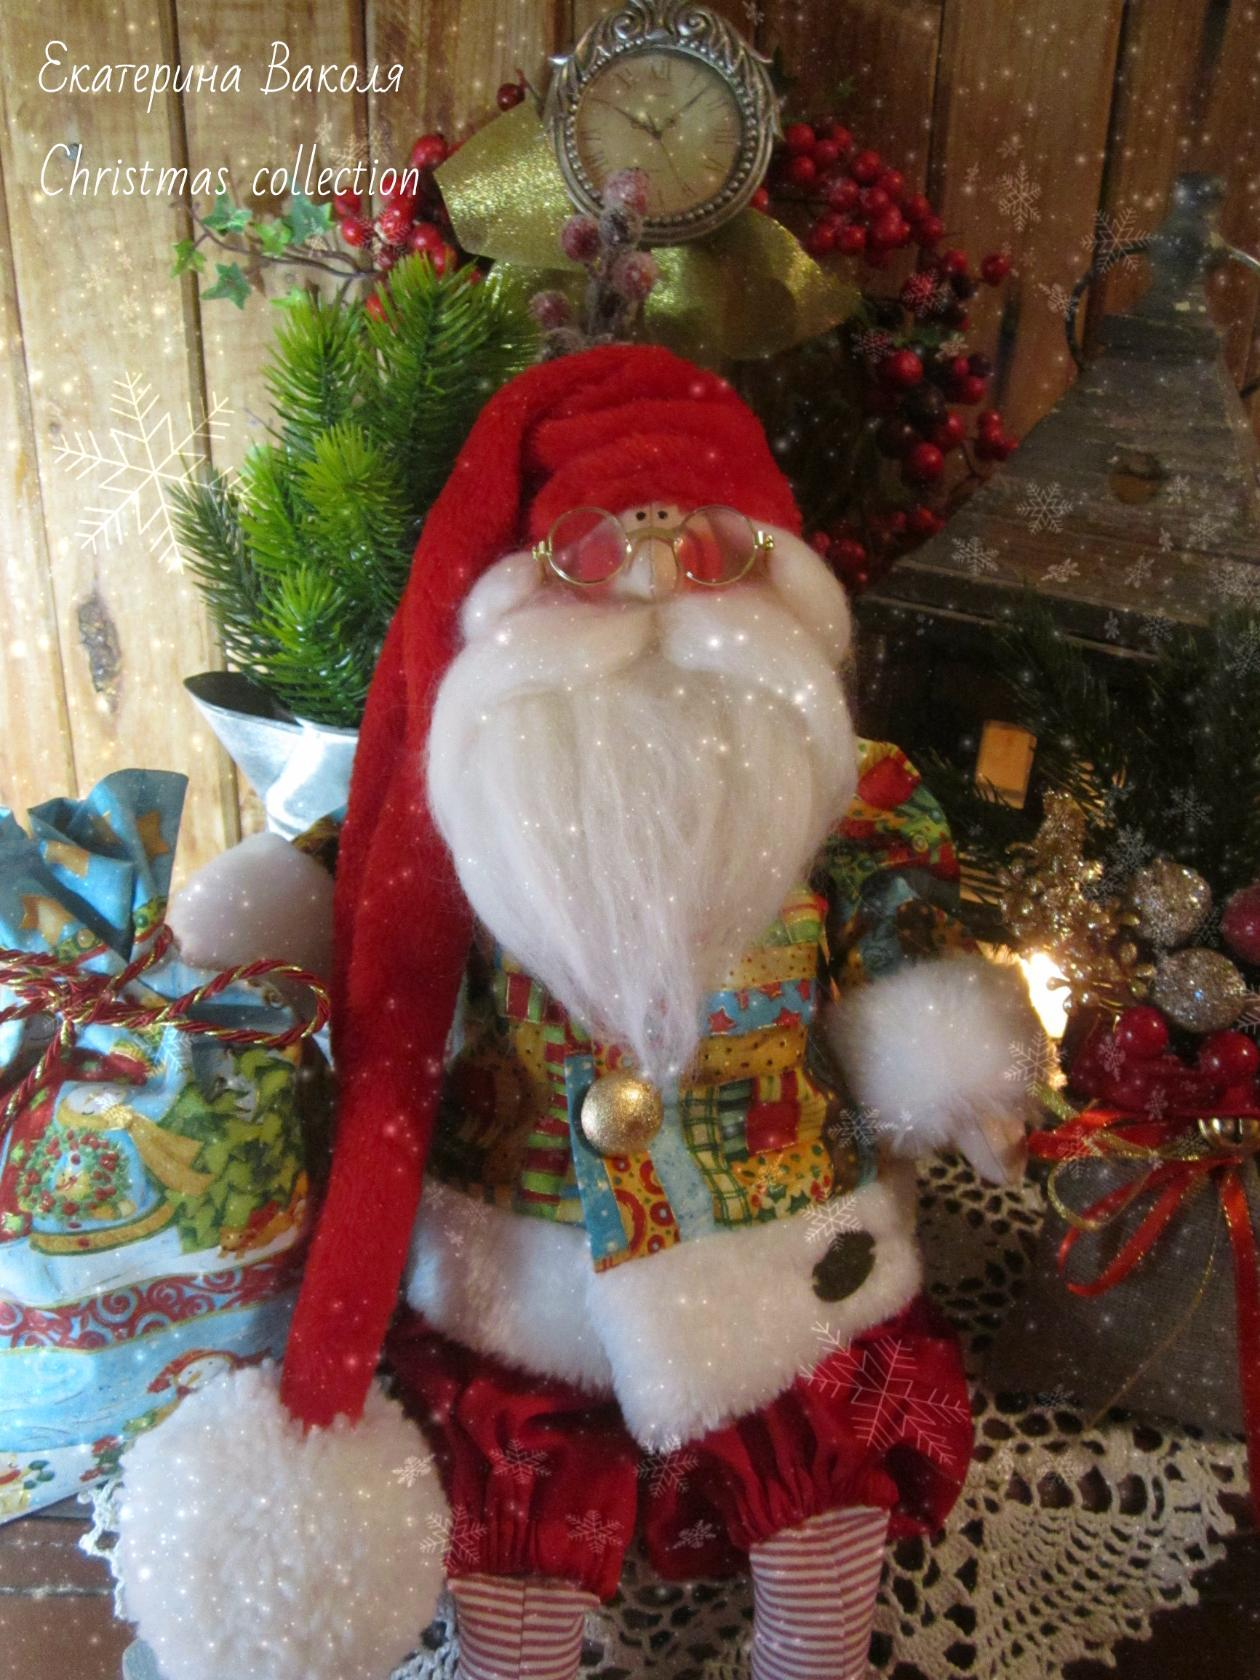 Santa toys